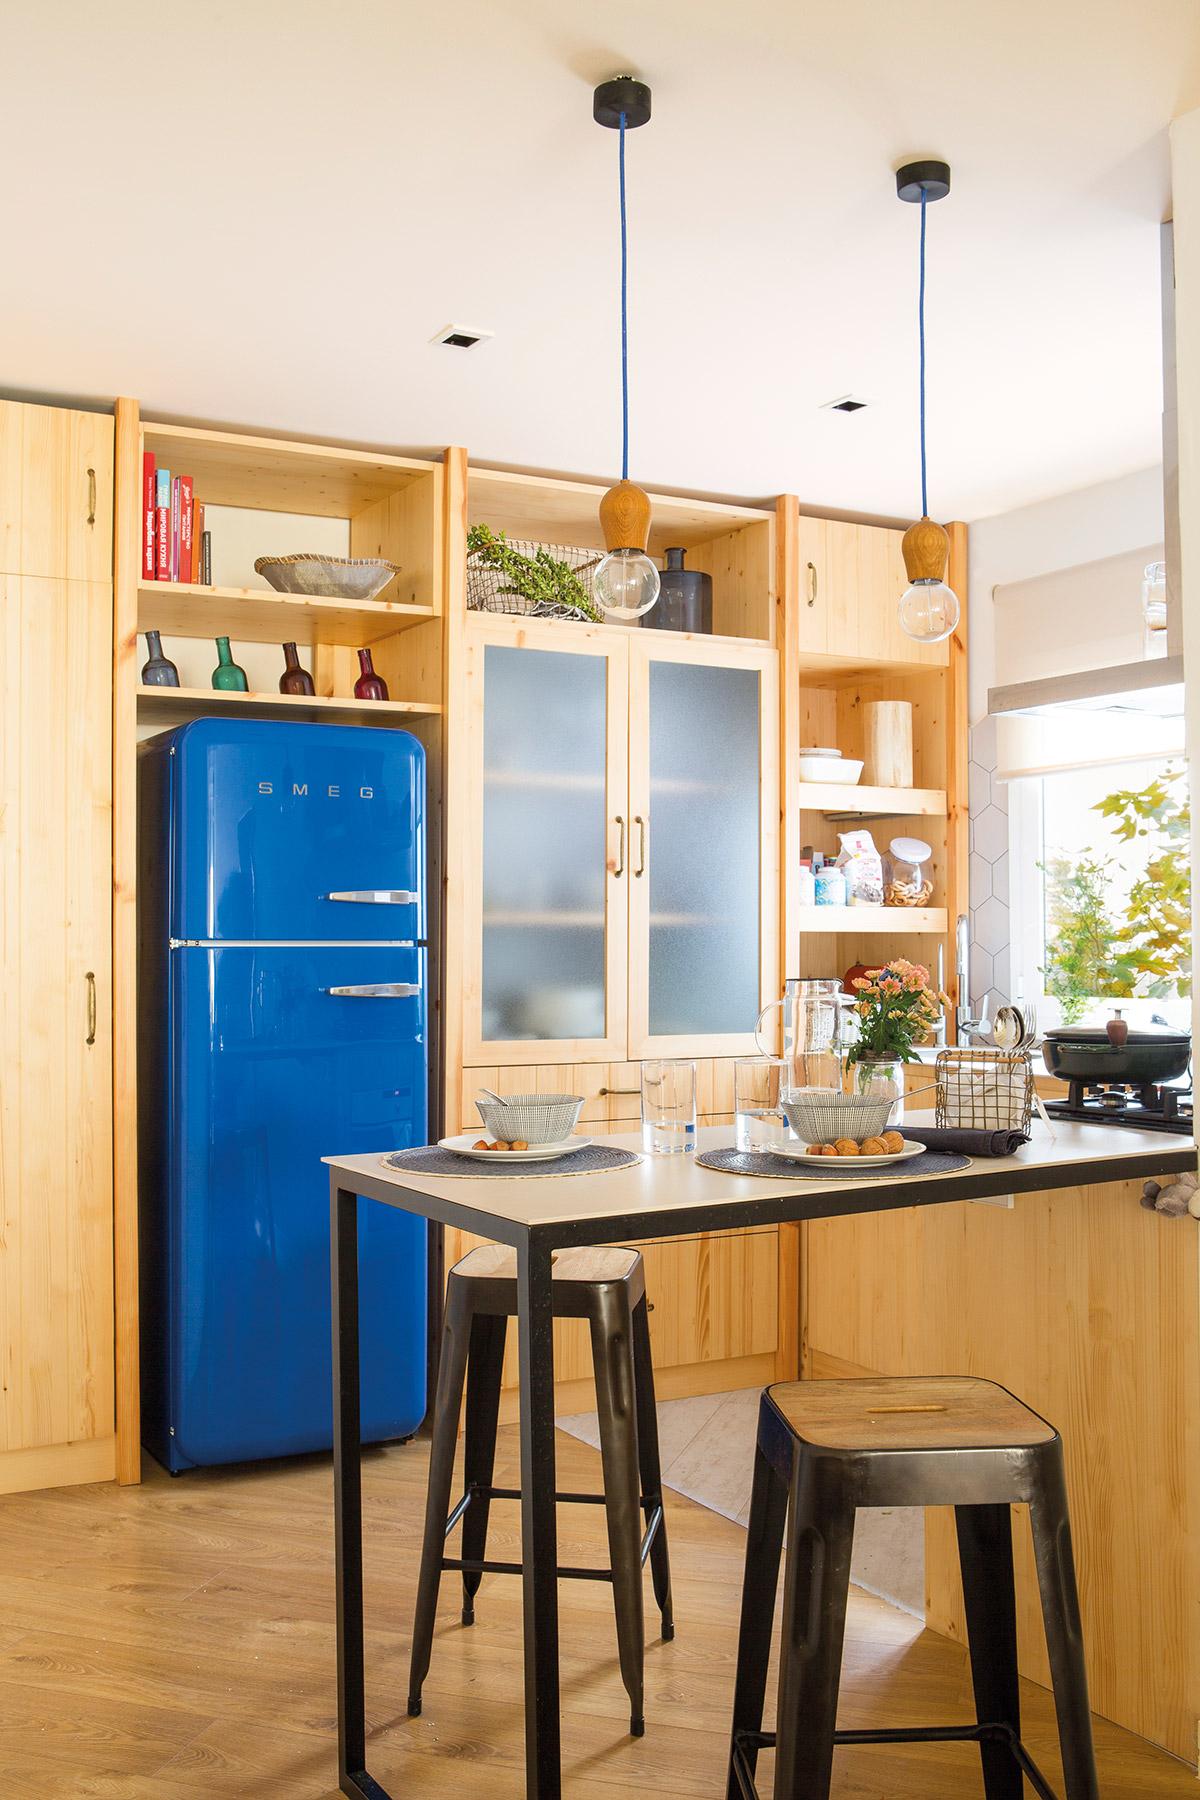 Barras De Cocina De Todos Los Estilos De El Mueble # Muebles De Cocina De Madera